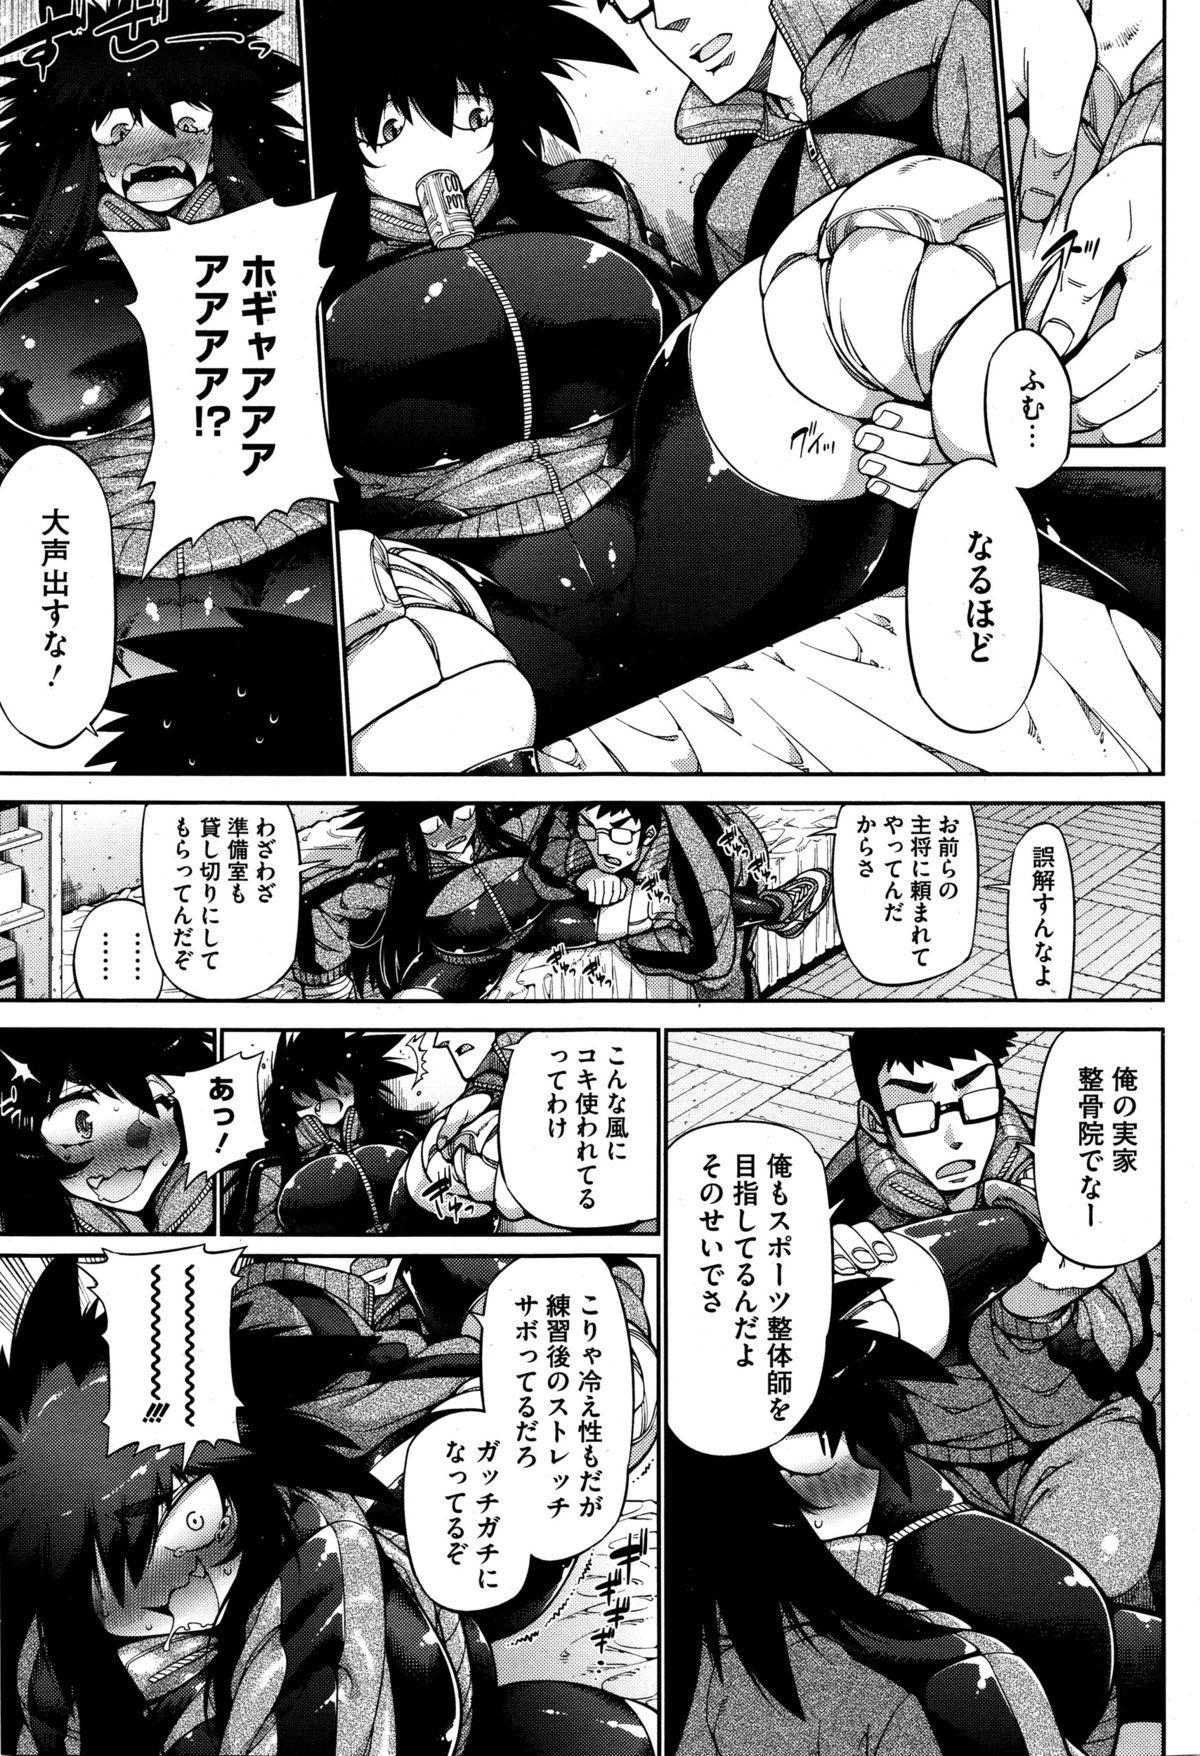 COMIC Megastore Alpha 2016-01 156